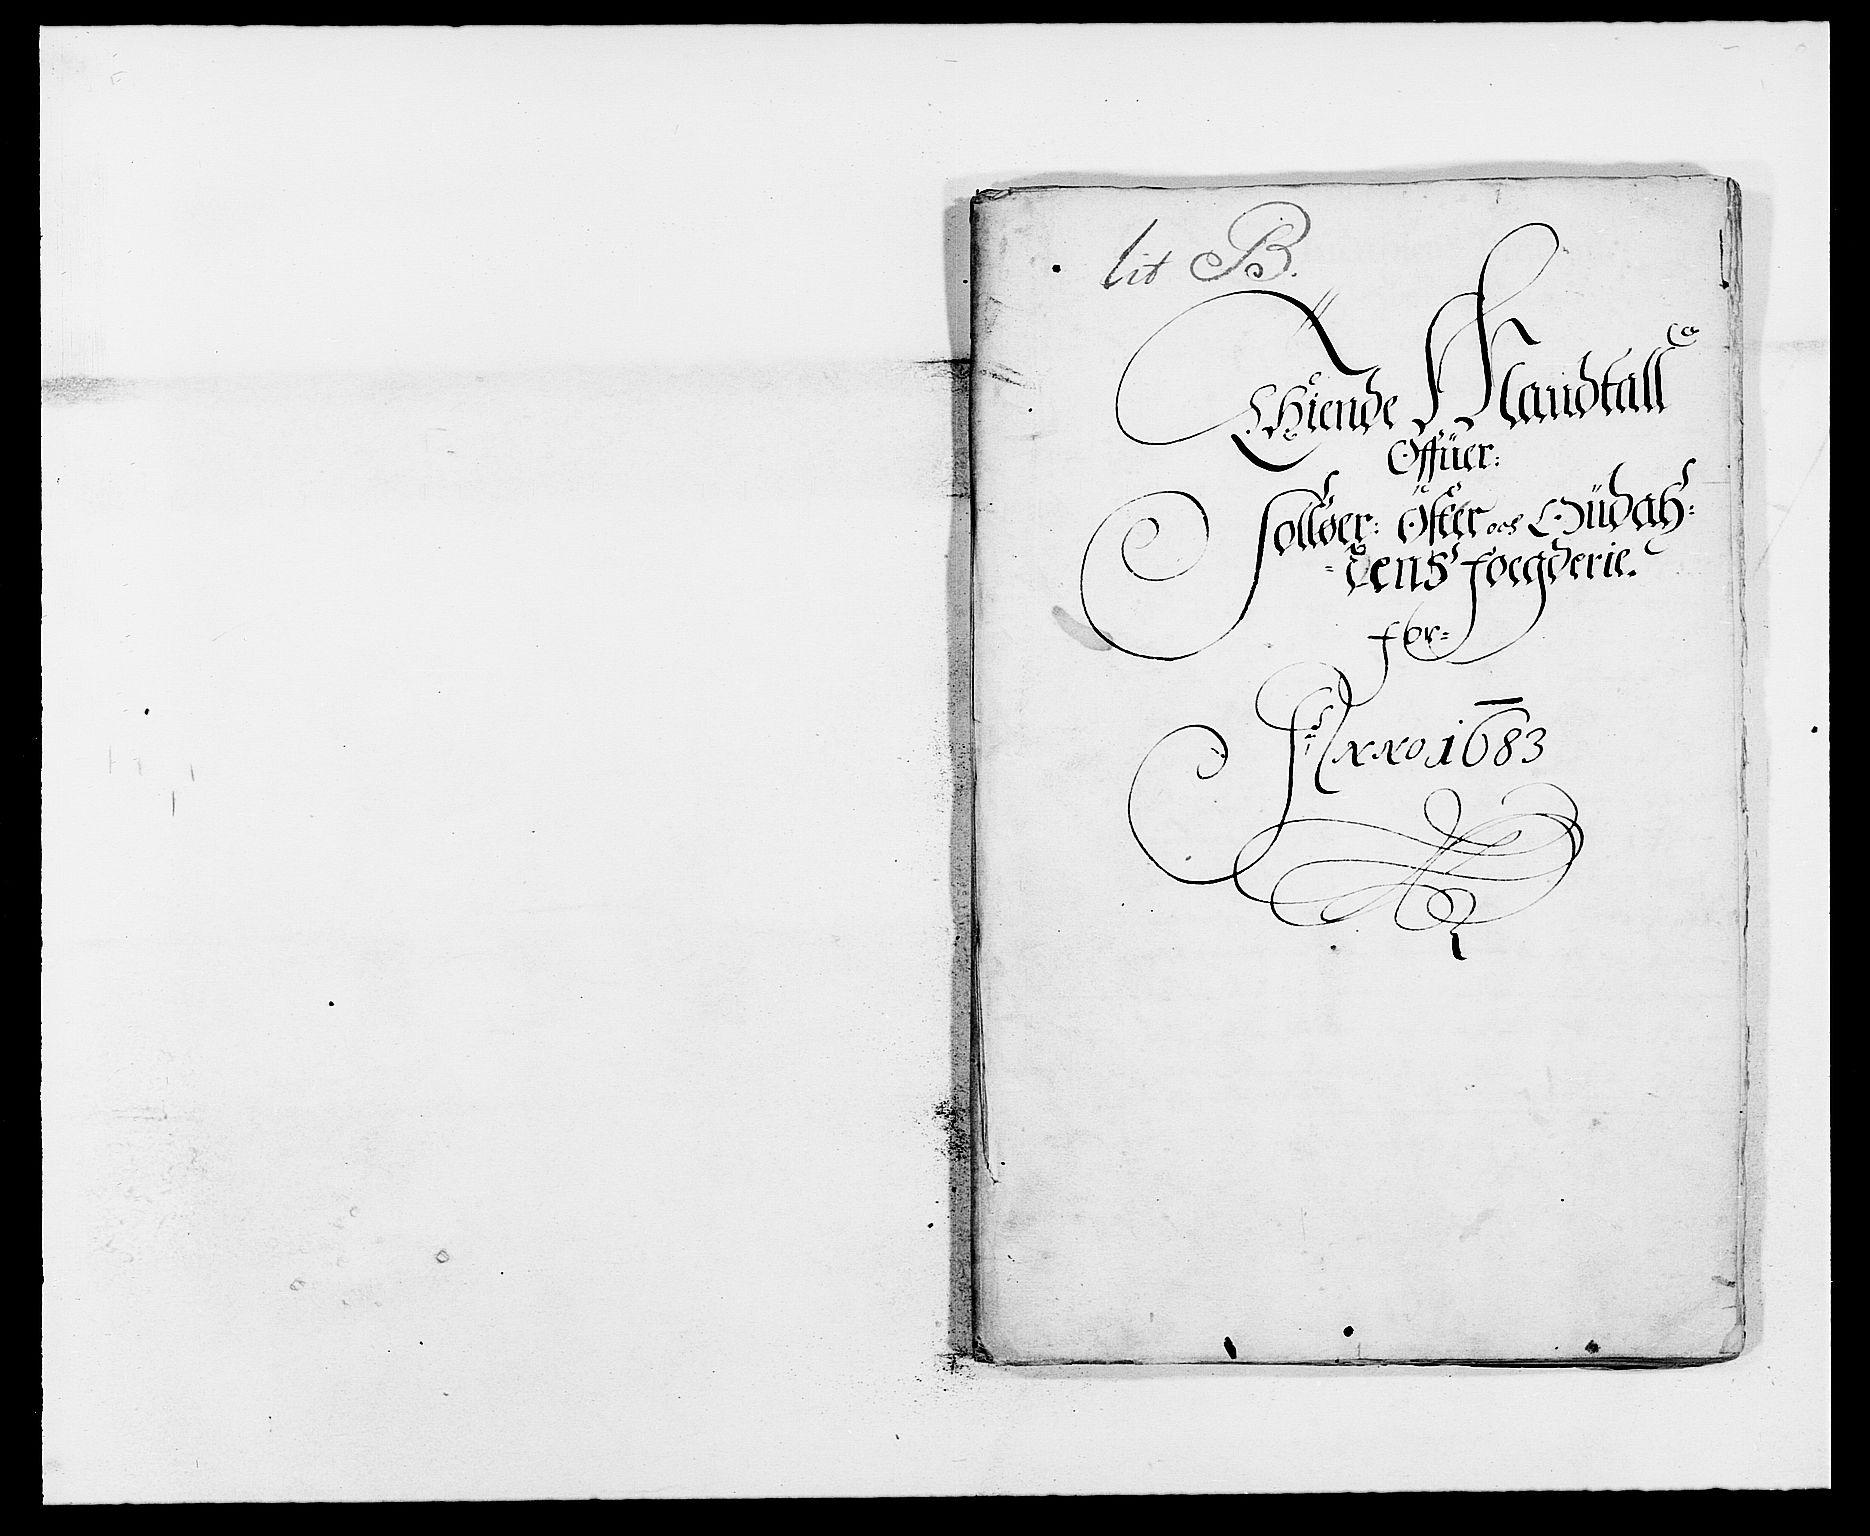 RA, Rentekammeret inntil 1814, Reviderte regnskaper, Fogderegnskap, R13/L0820: Fogderegnskap Solør, Odal og Østerdal, 1683, s. 135